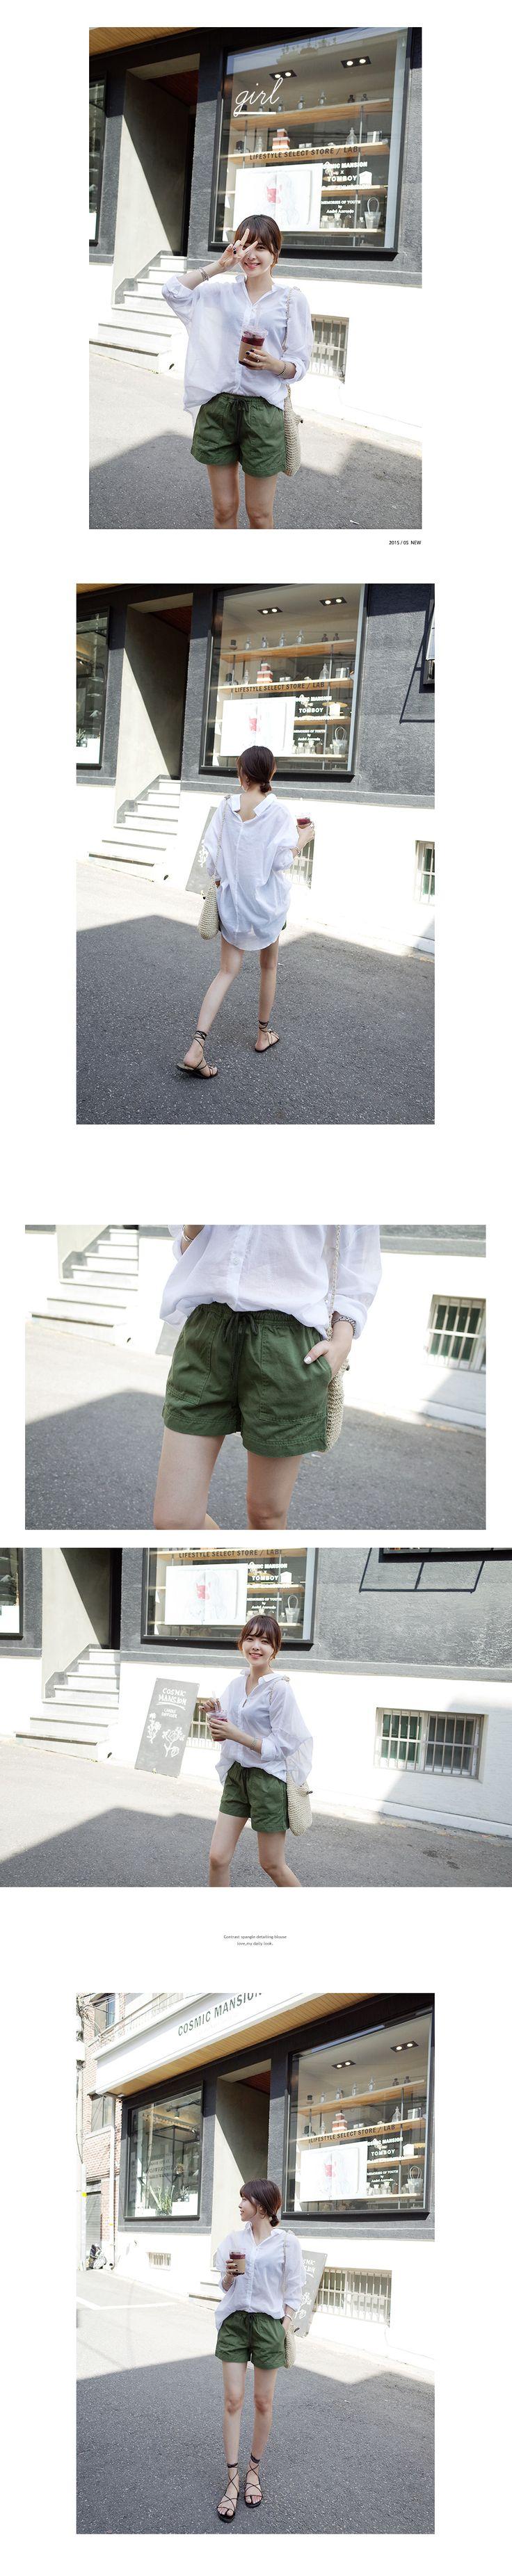 ウエストゴムショートパンツ・全5色パンツ・ズボンショートパンツ|レディースファッション通販 DHOLICディーホリック [ファストファッション 水着 ワンピース]